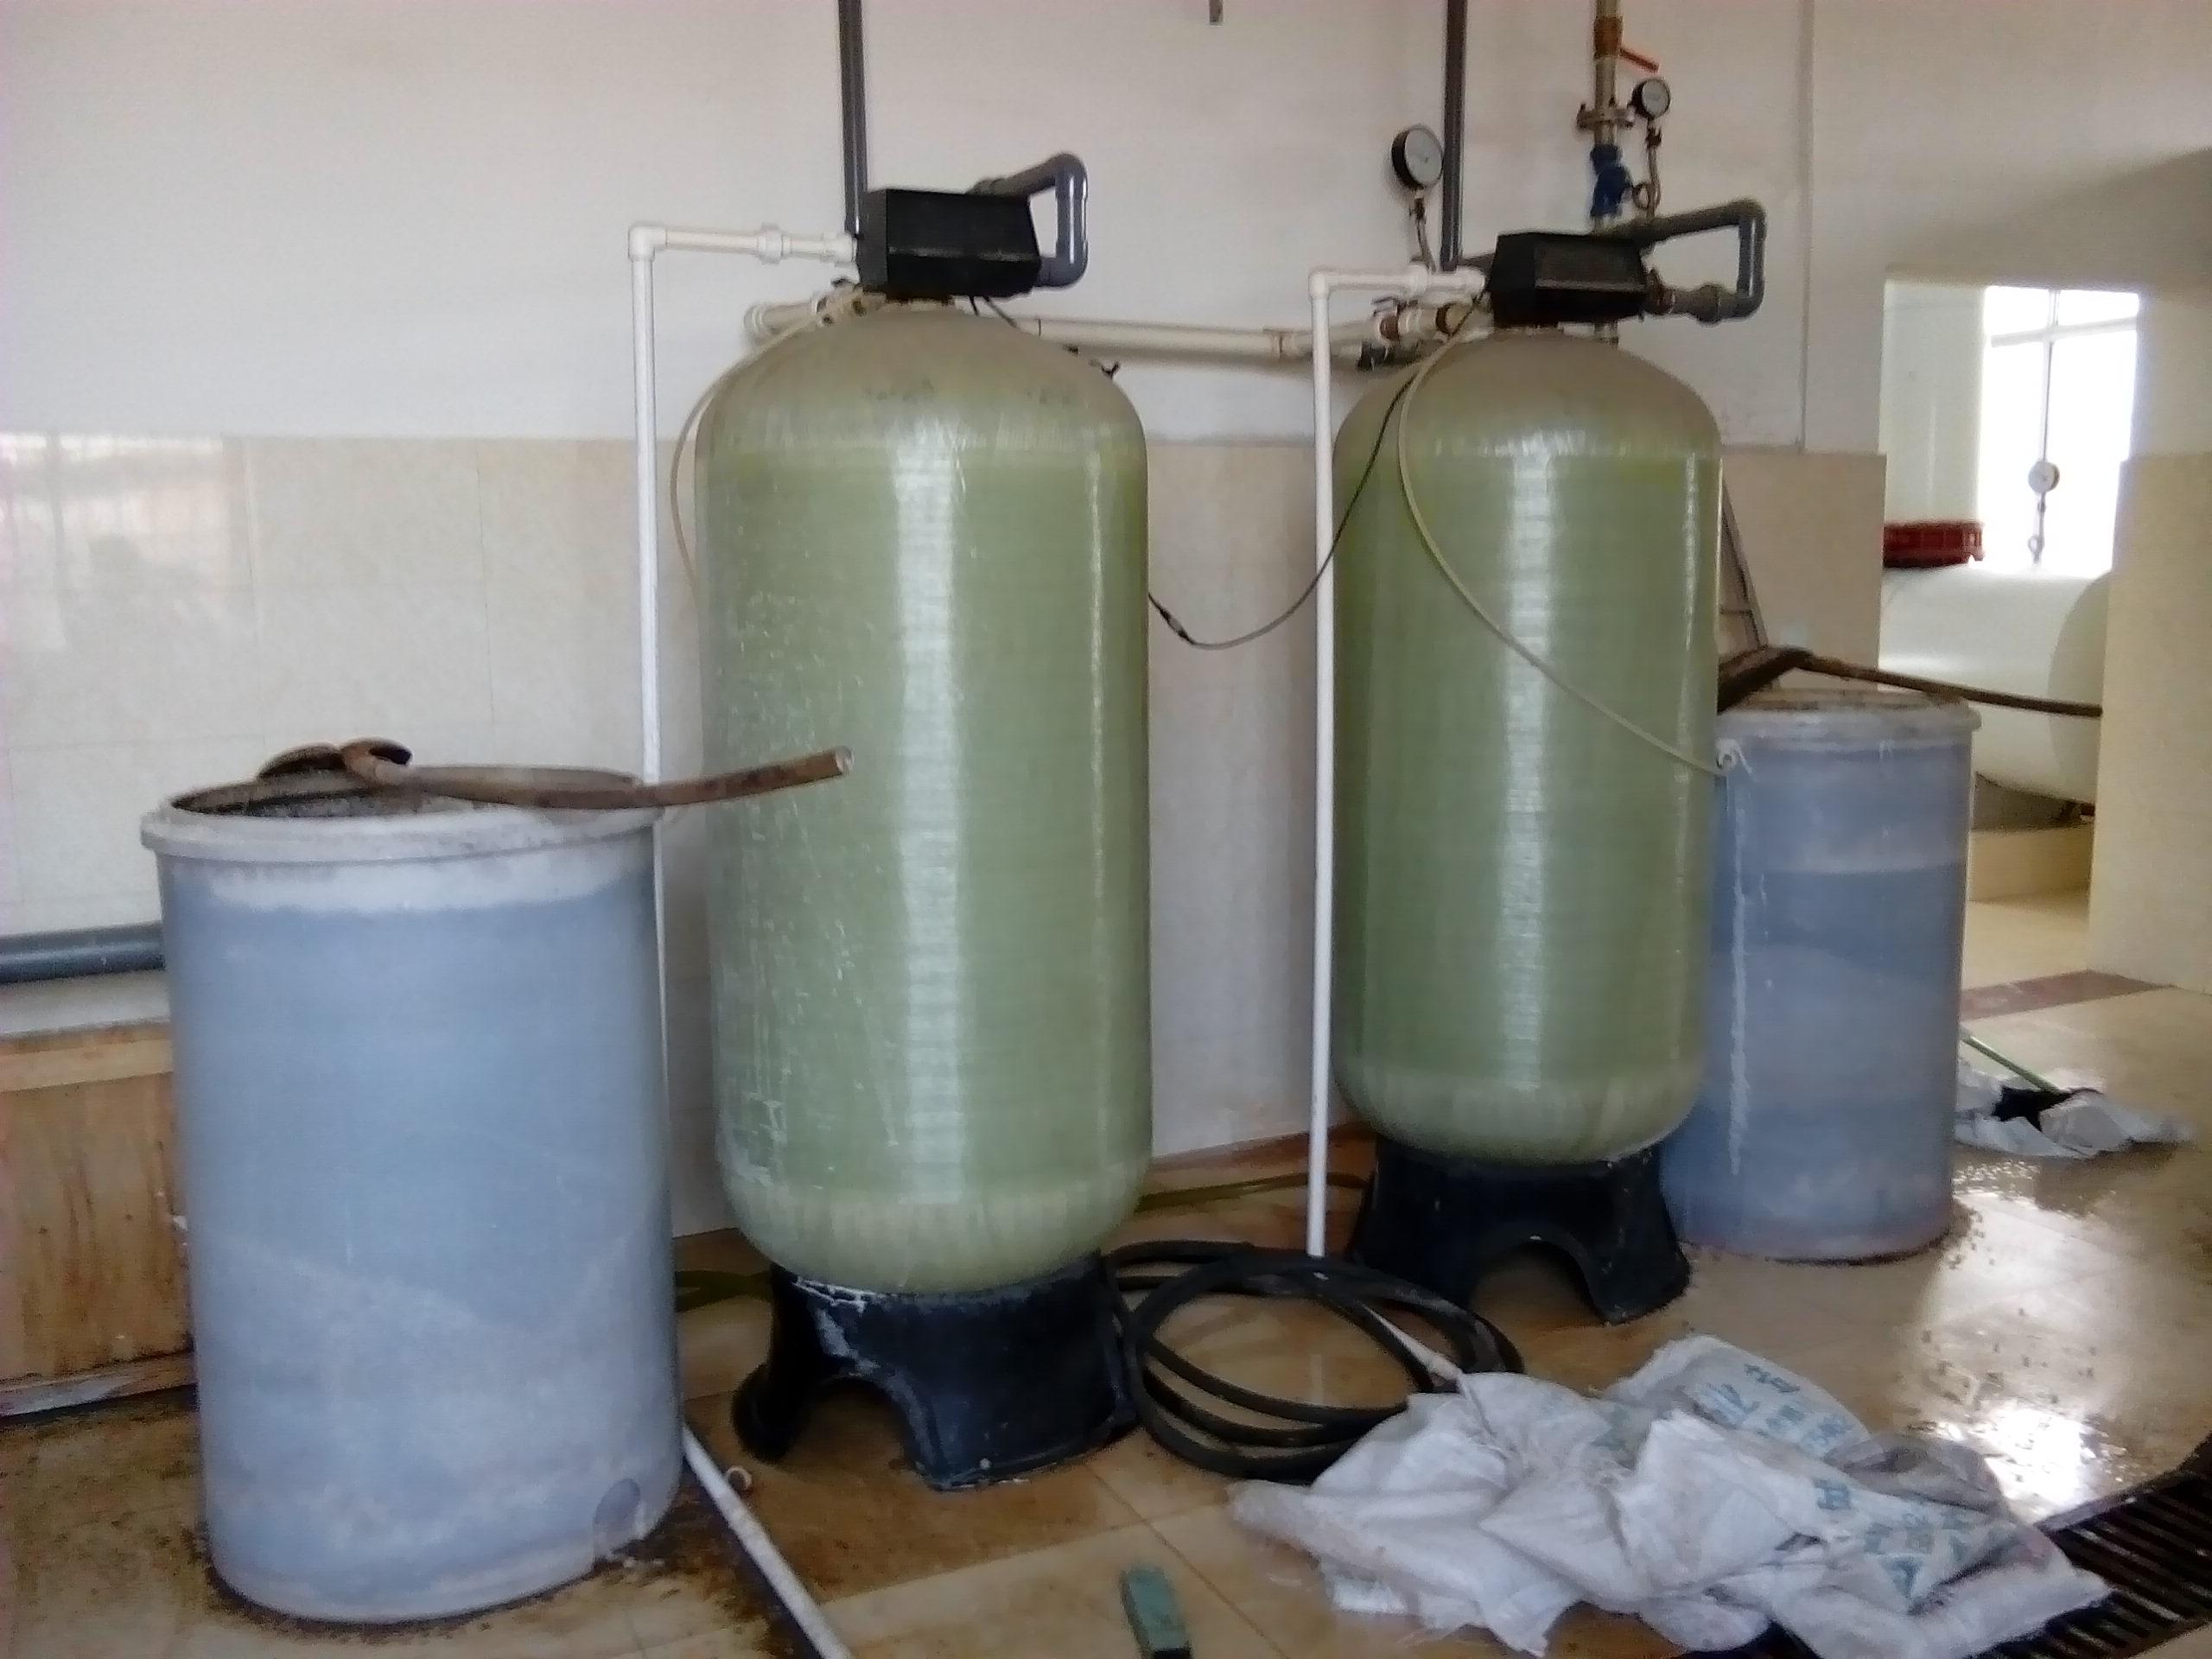 技术人员需要知道软化水设备安装的细节要点,这样才能正确的安装